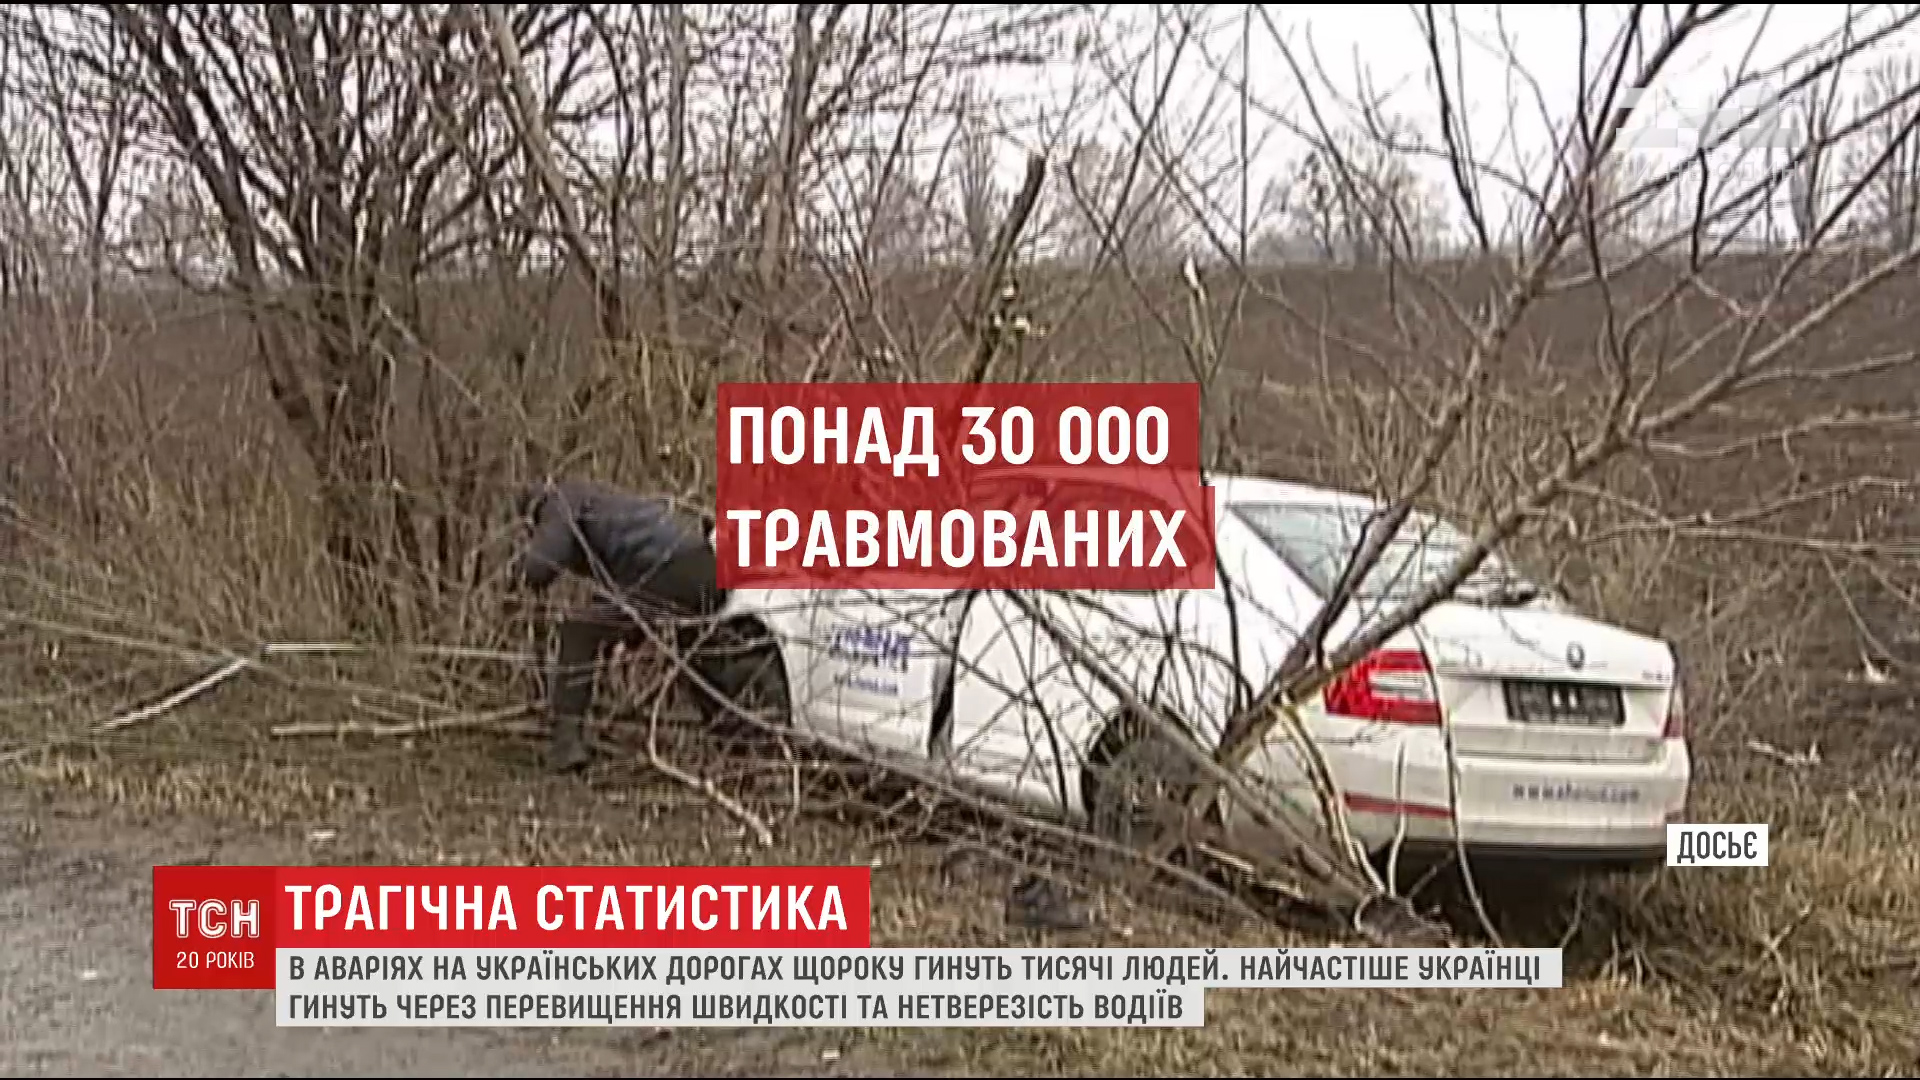 Трагический рекорд: в Украине смертельные ДТП происходят чаще, чем в любой стране Европы /